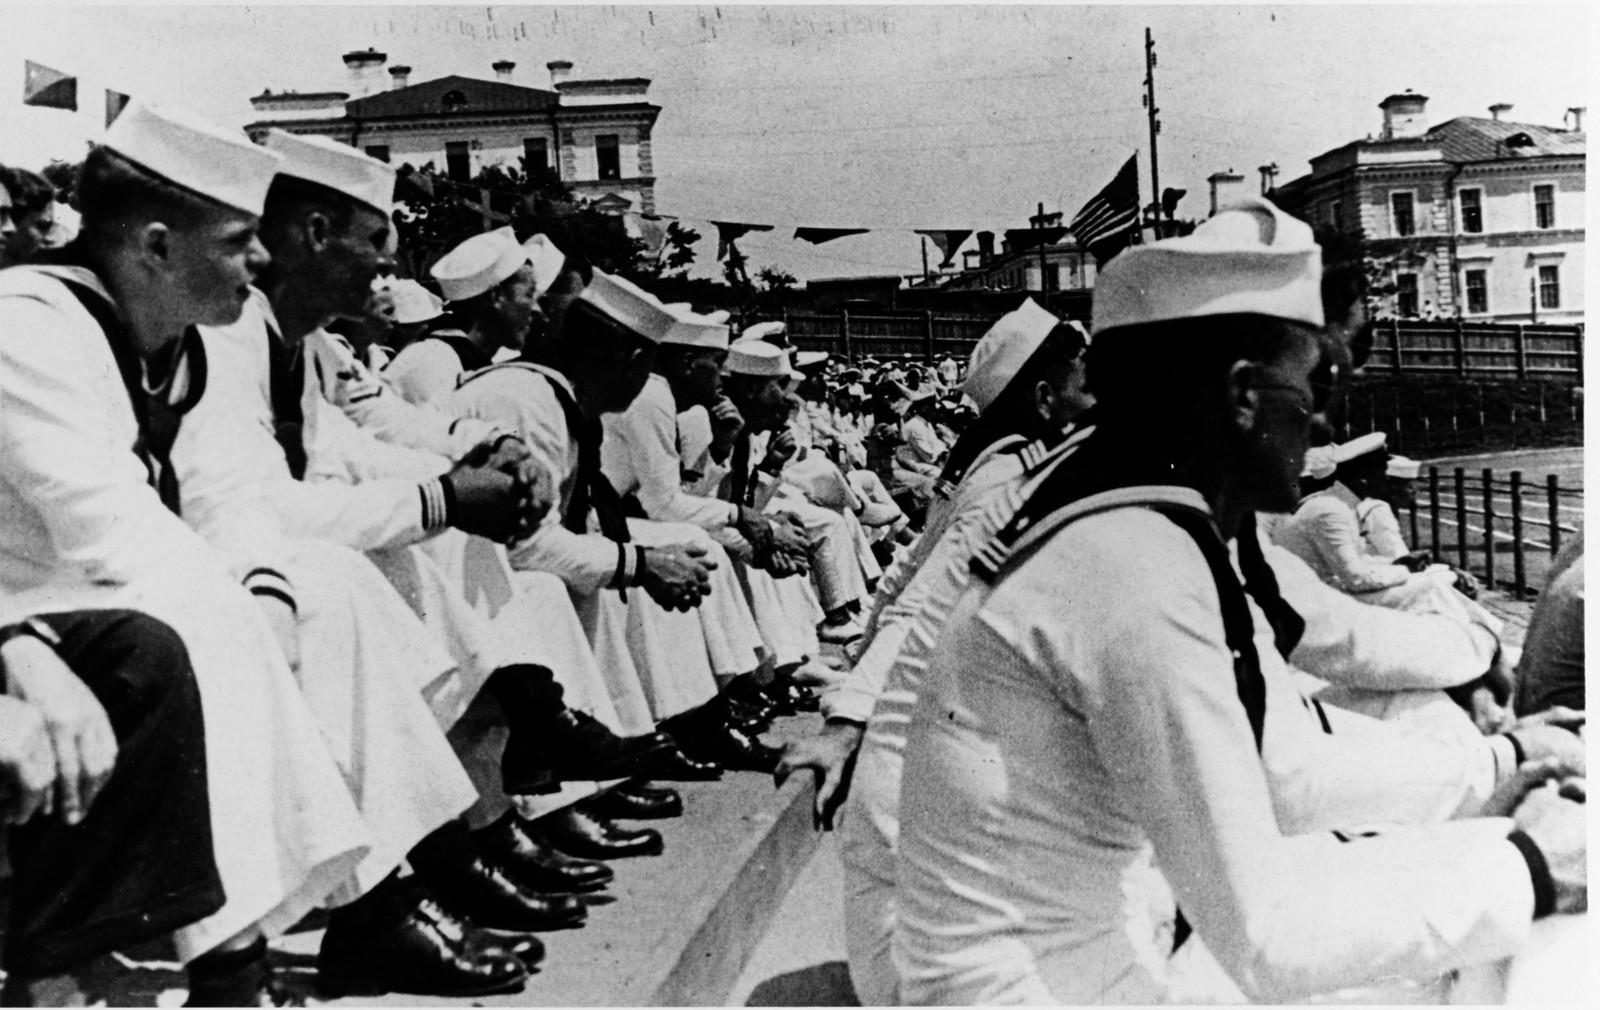 1937. Моряки смотрят футбольный матч на стадионе. 29 июля